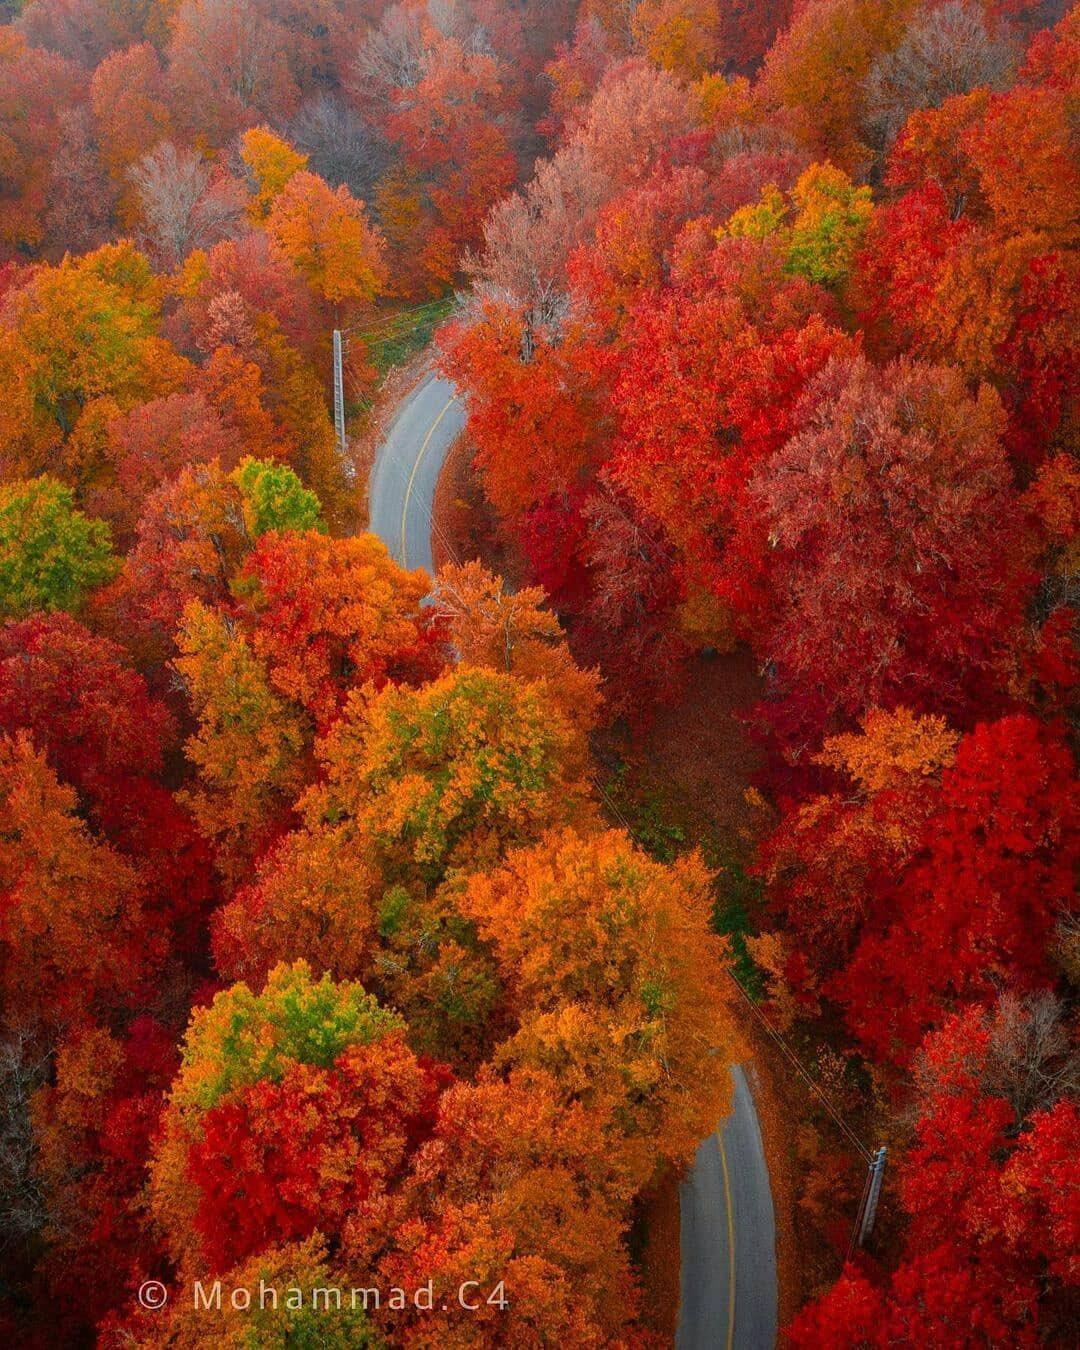 تصویری شگفتانگیز از پاییز در جنگلهای دراز نو + عکس